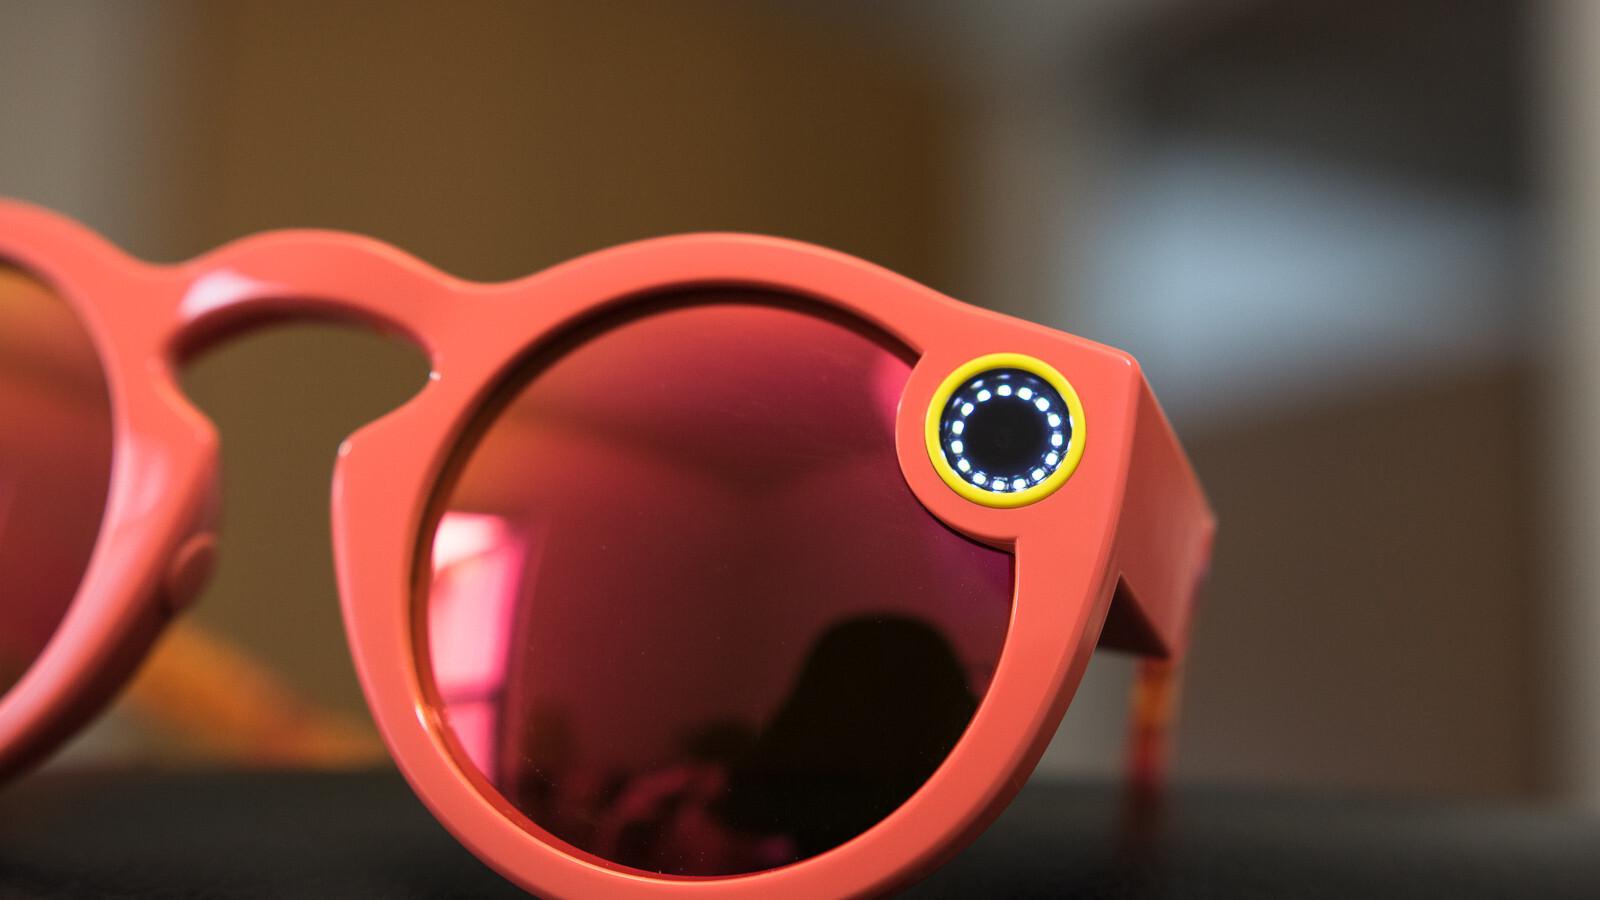 Die Fortsetzung der Brille könnte schon in dieser Woche kommen: Bericht